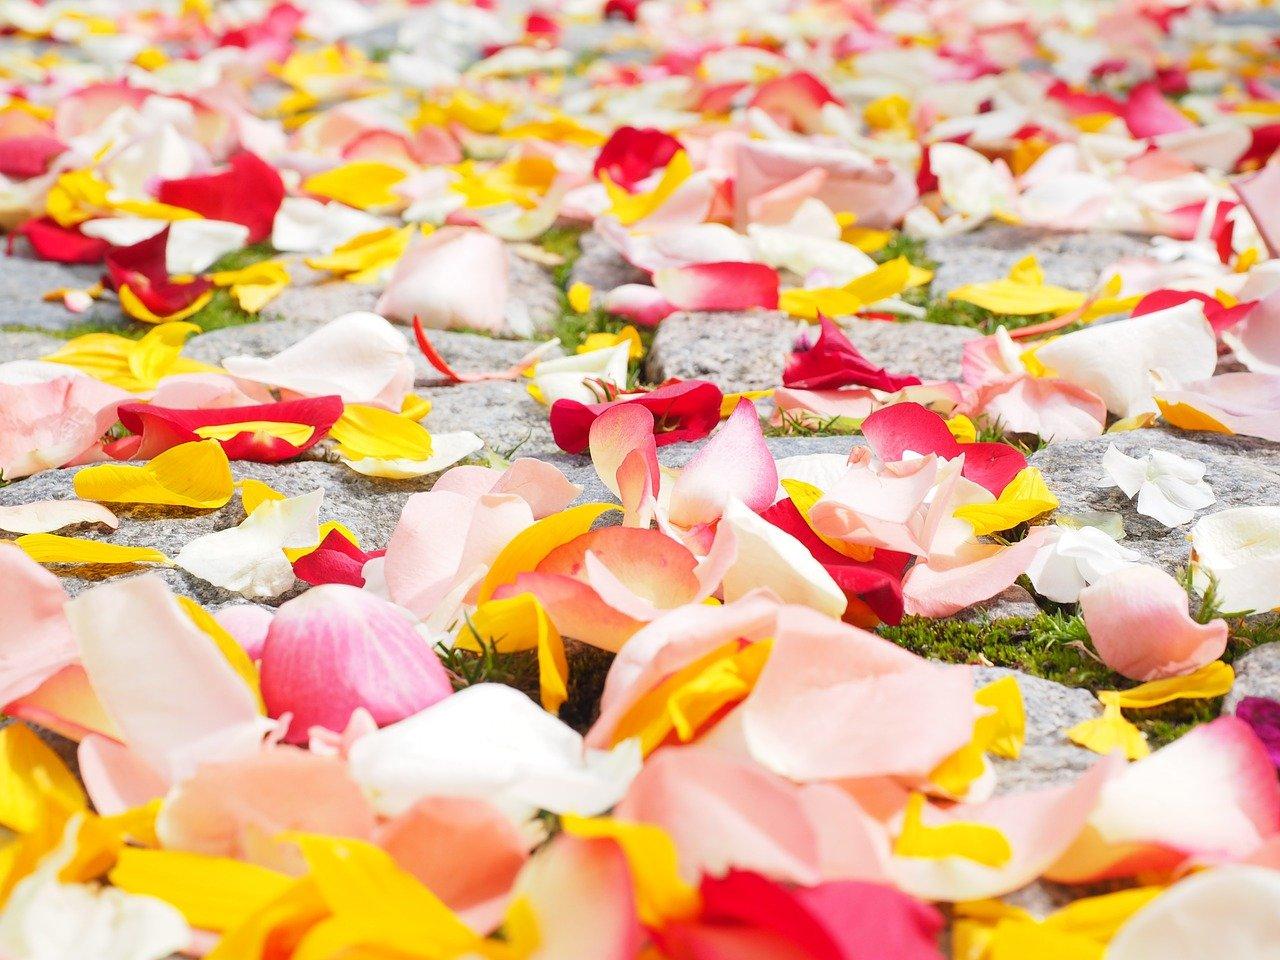 rose-petals-petals-wedding-693570.jpg